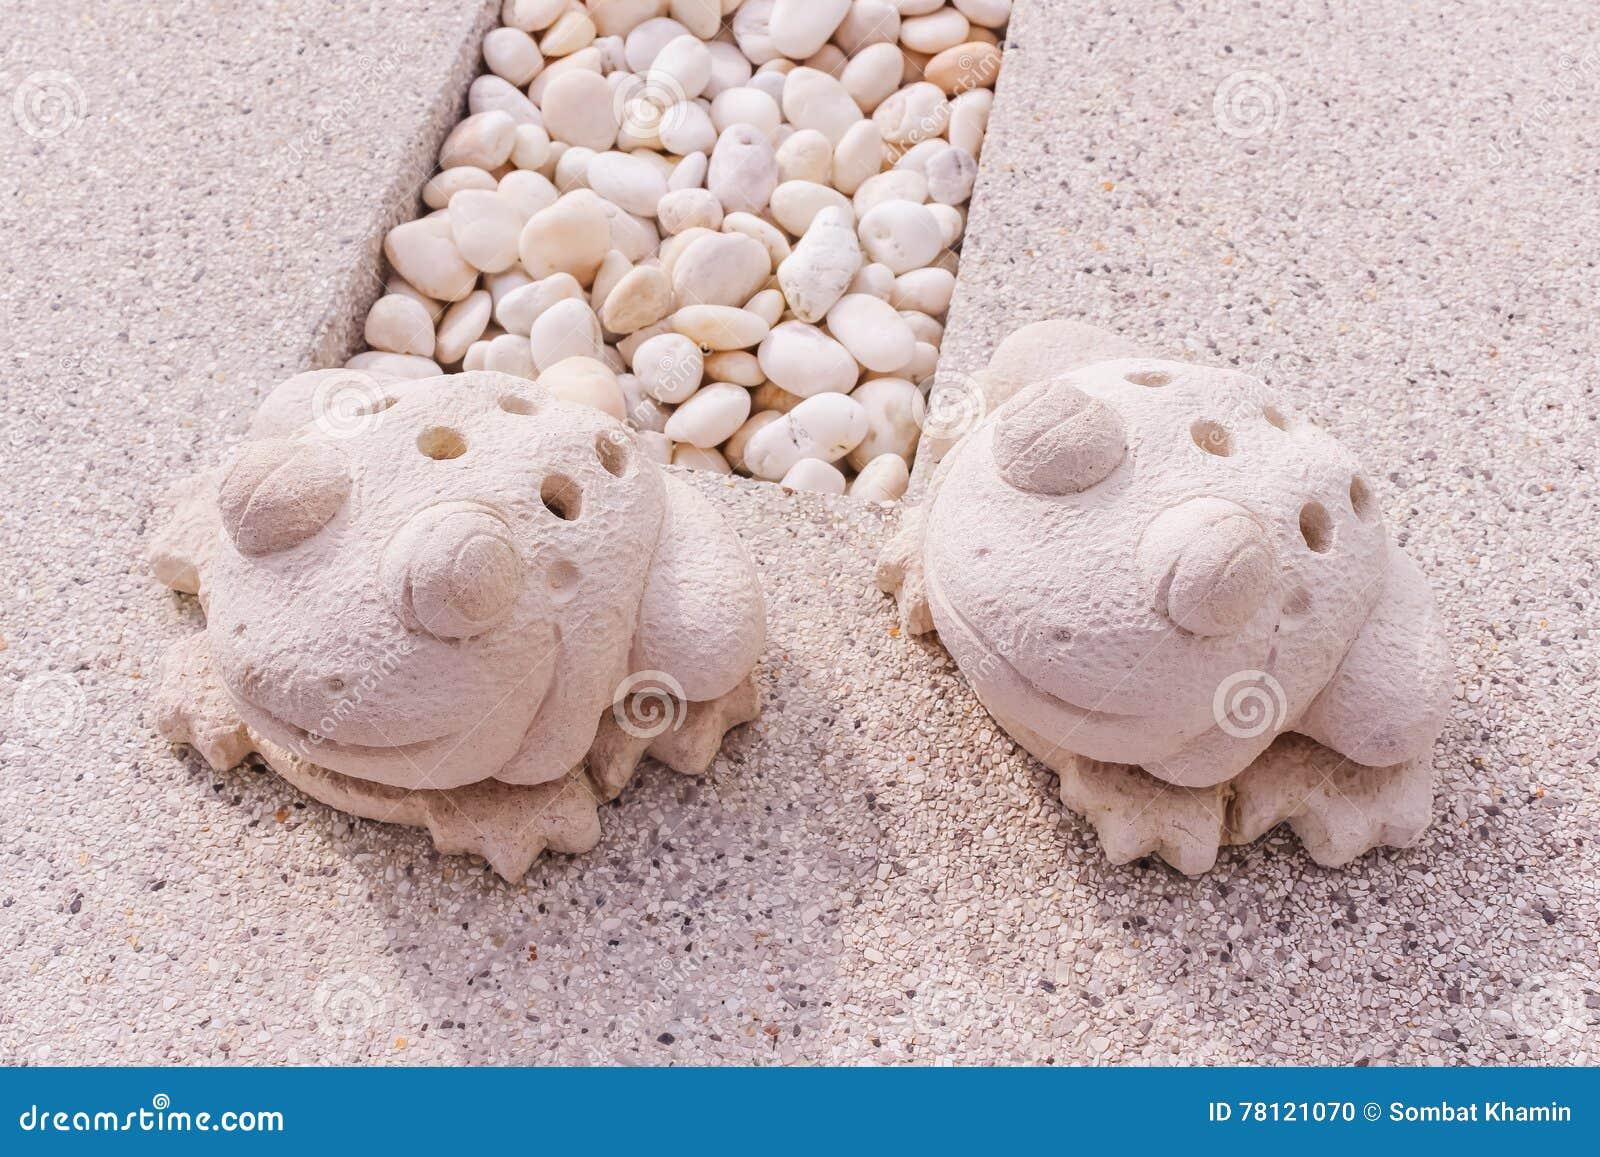 Δίδυμο άγαλμα βατράχων που γίνεται από τον ασβεστόλιθο